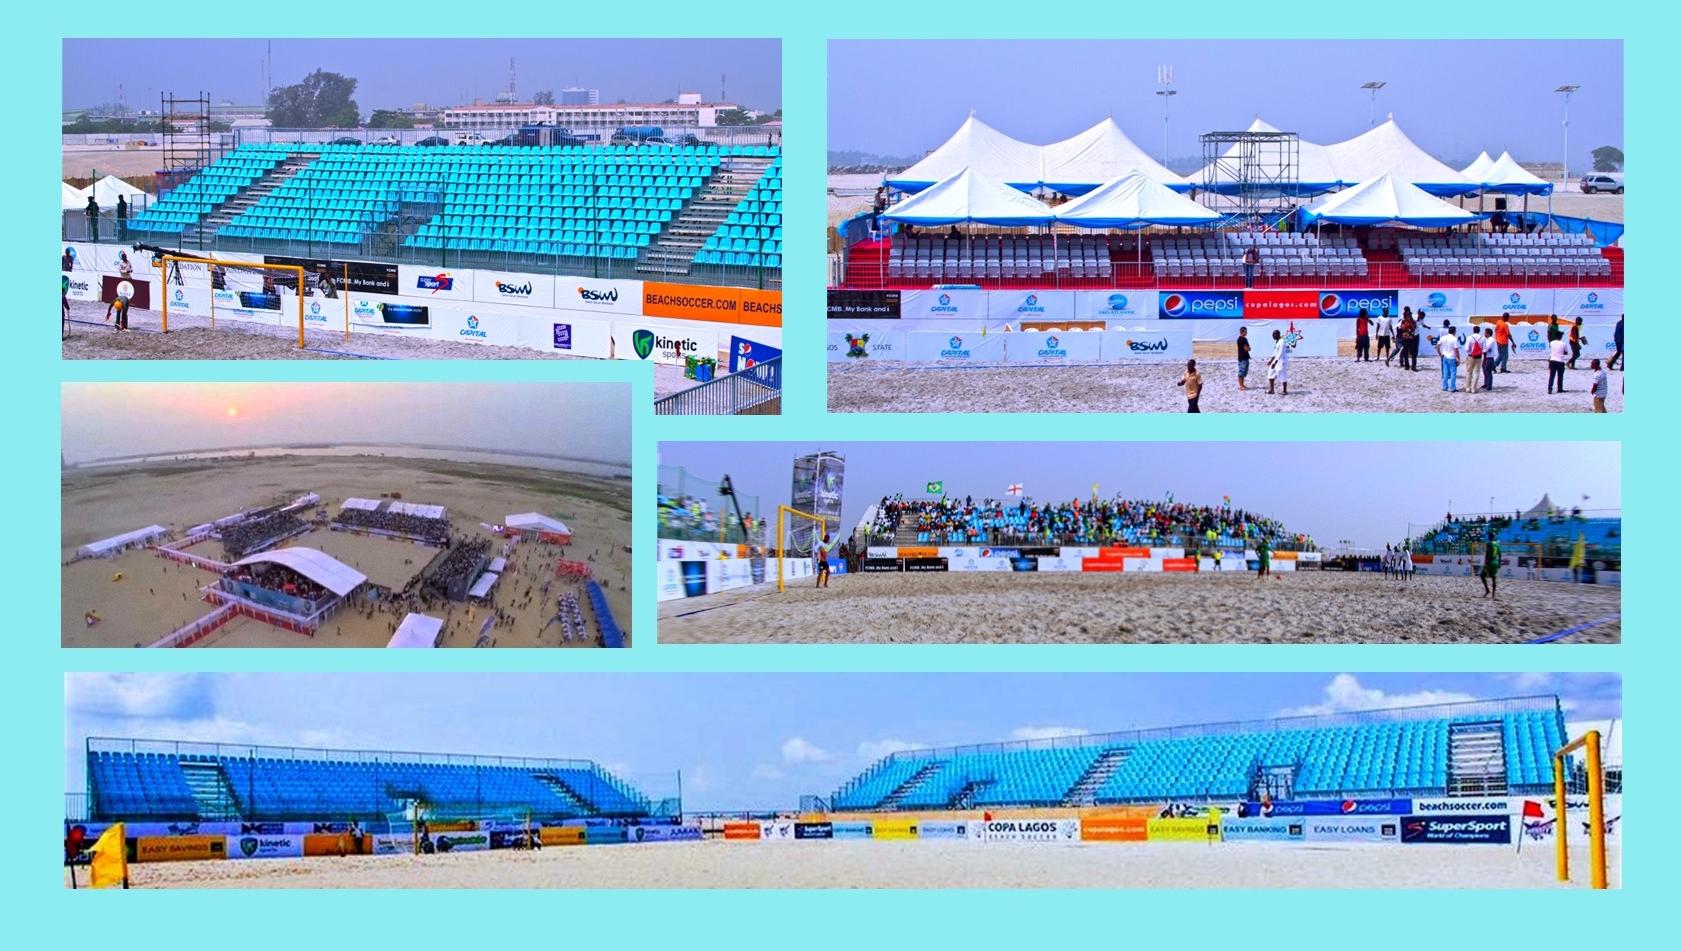 beach soccer Lagos Nigeria 2011 2012_modular stadium